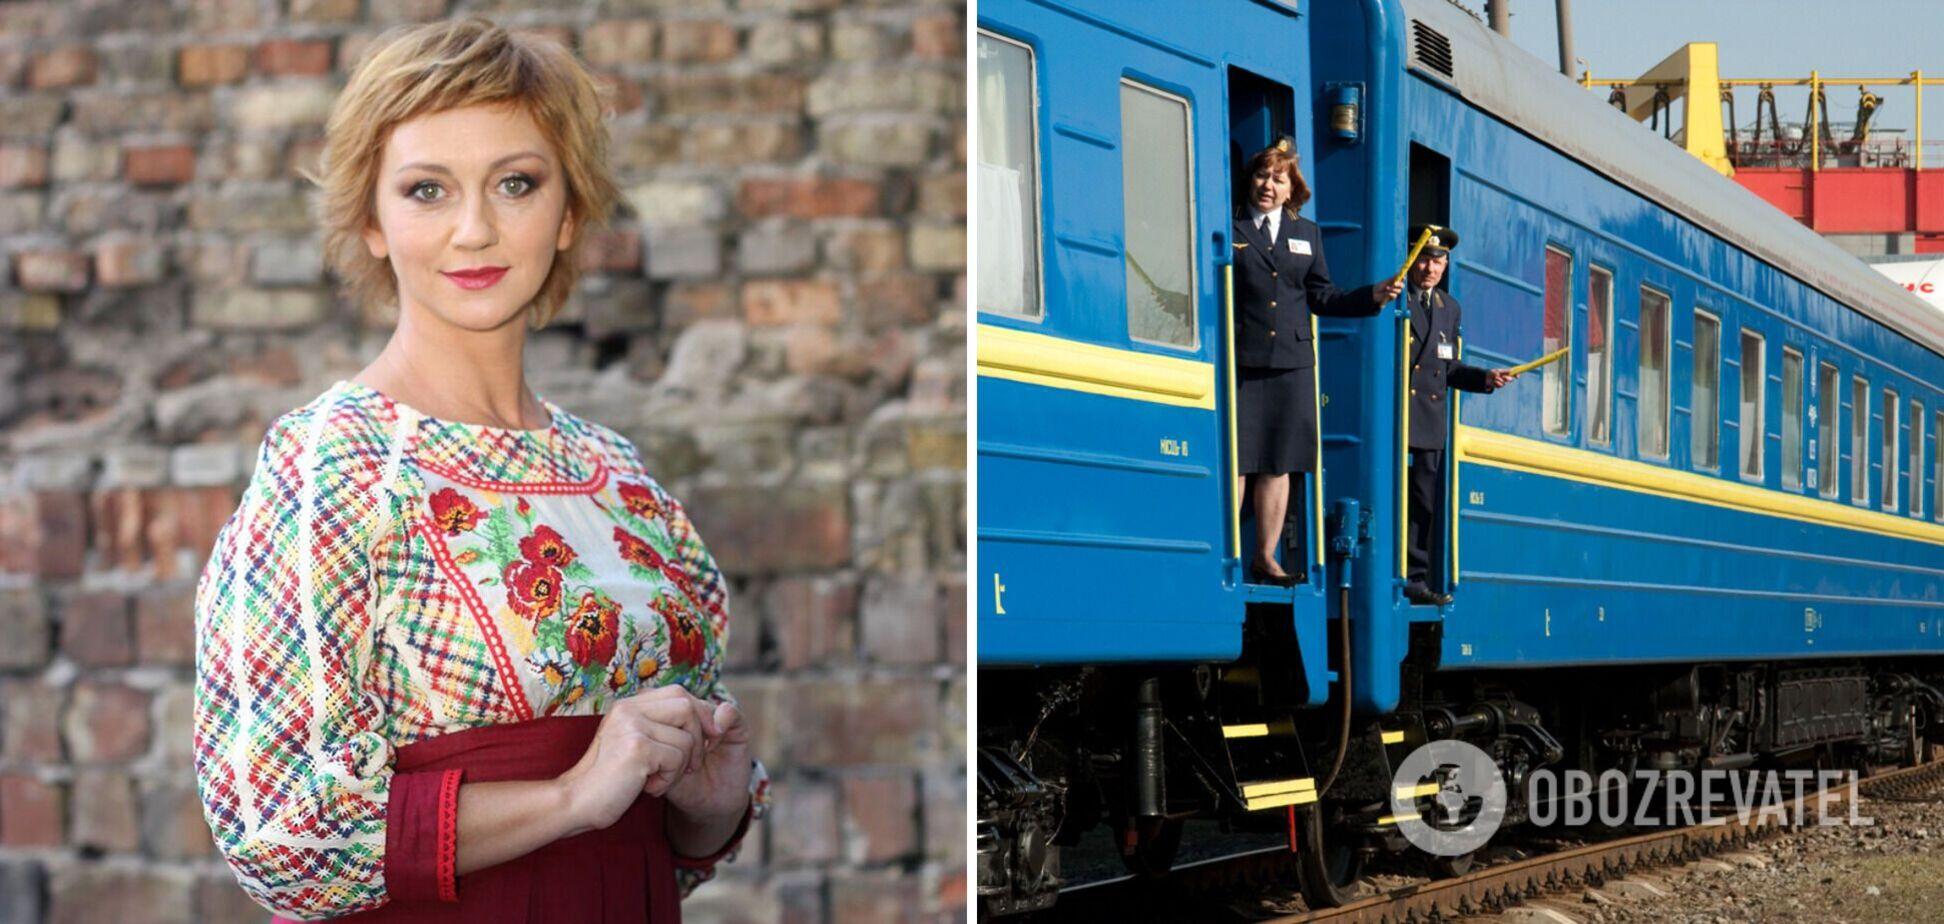 'Як із цим боротися?': українська актриса поскаржилася на обслуговування 'Укрзалізниці'